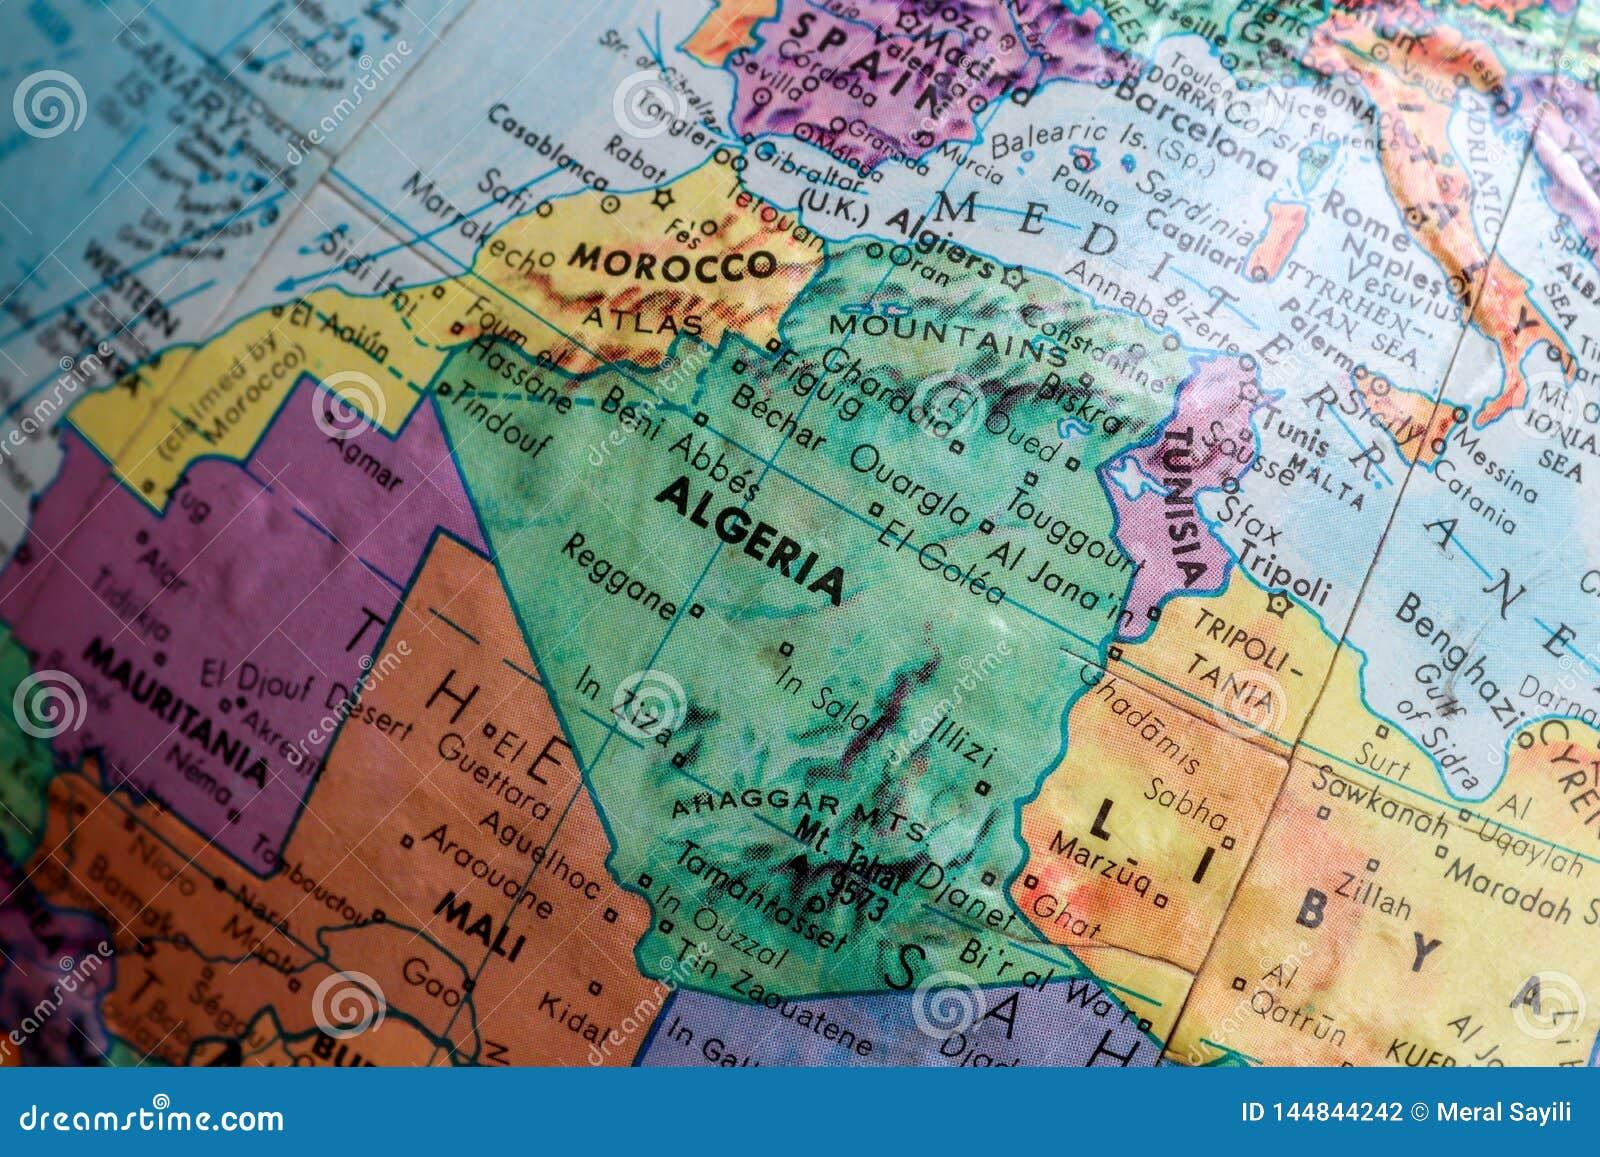 Vecchia mappa della stampa, globo terrestre, Africa, Marocco, Algeria